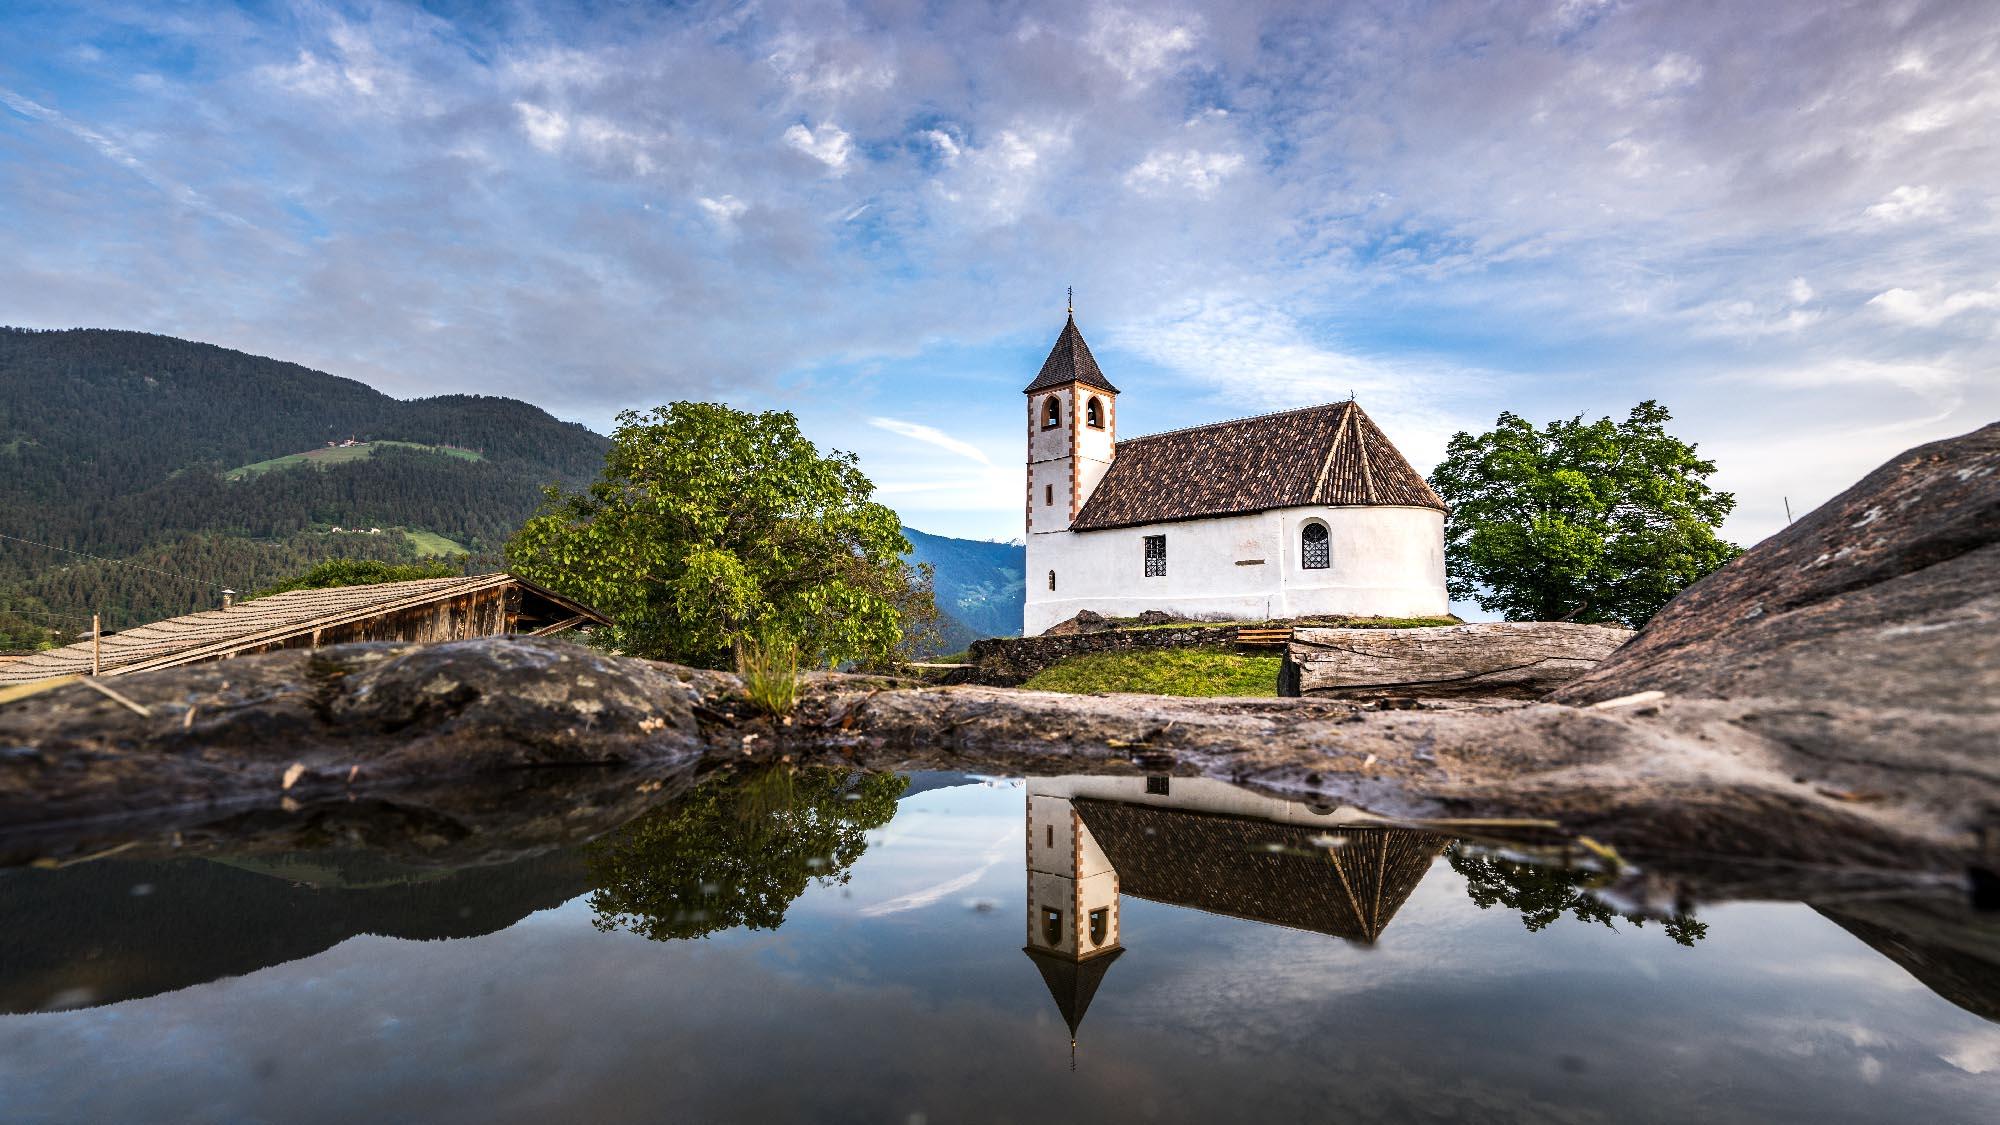 St. Hippolyt kapelle in Tisens